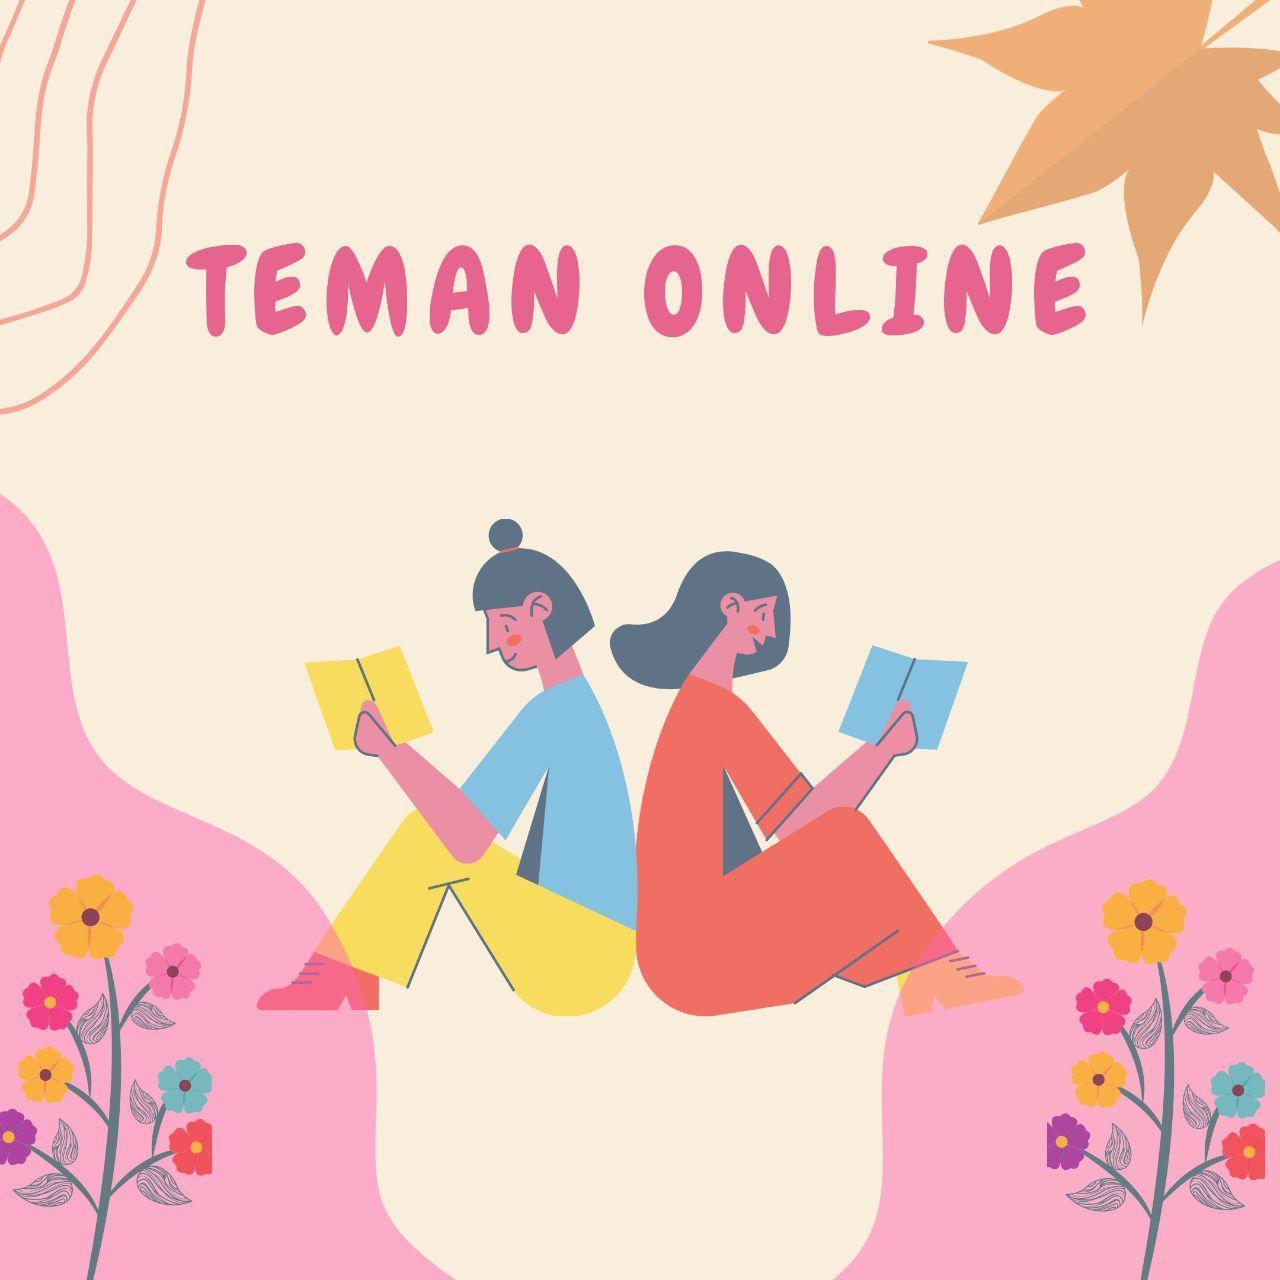 teman online